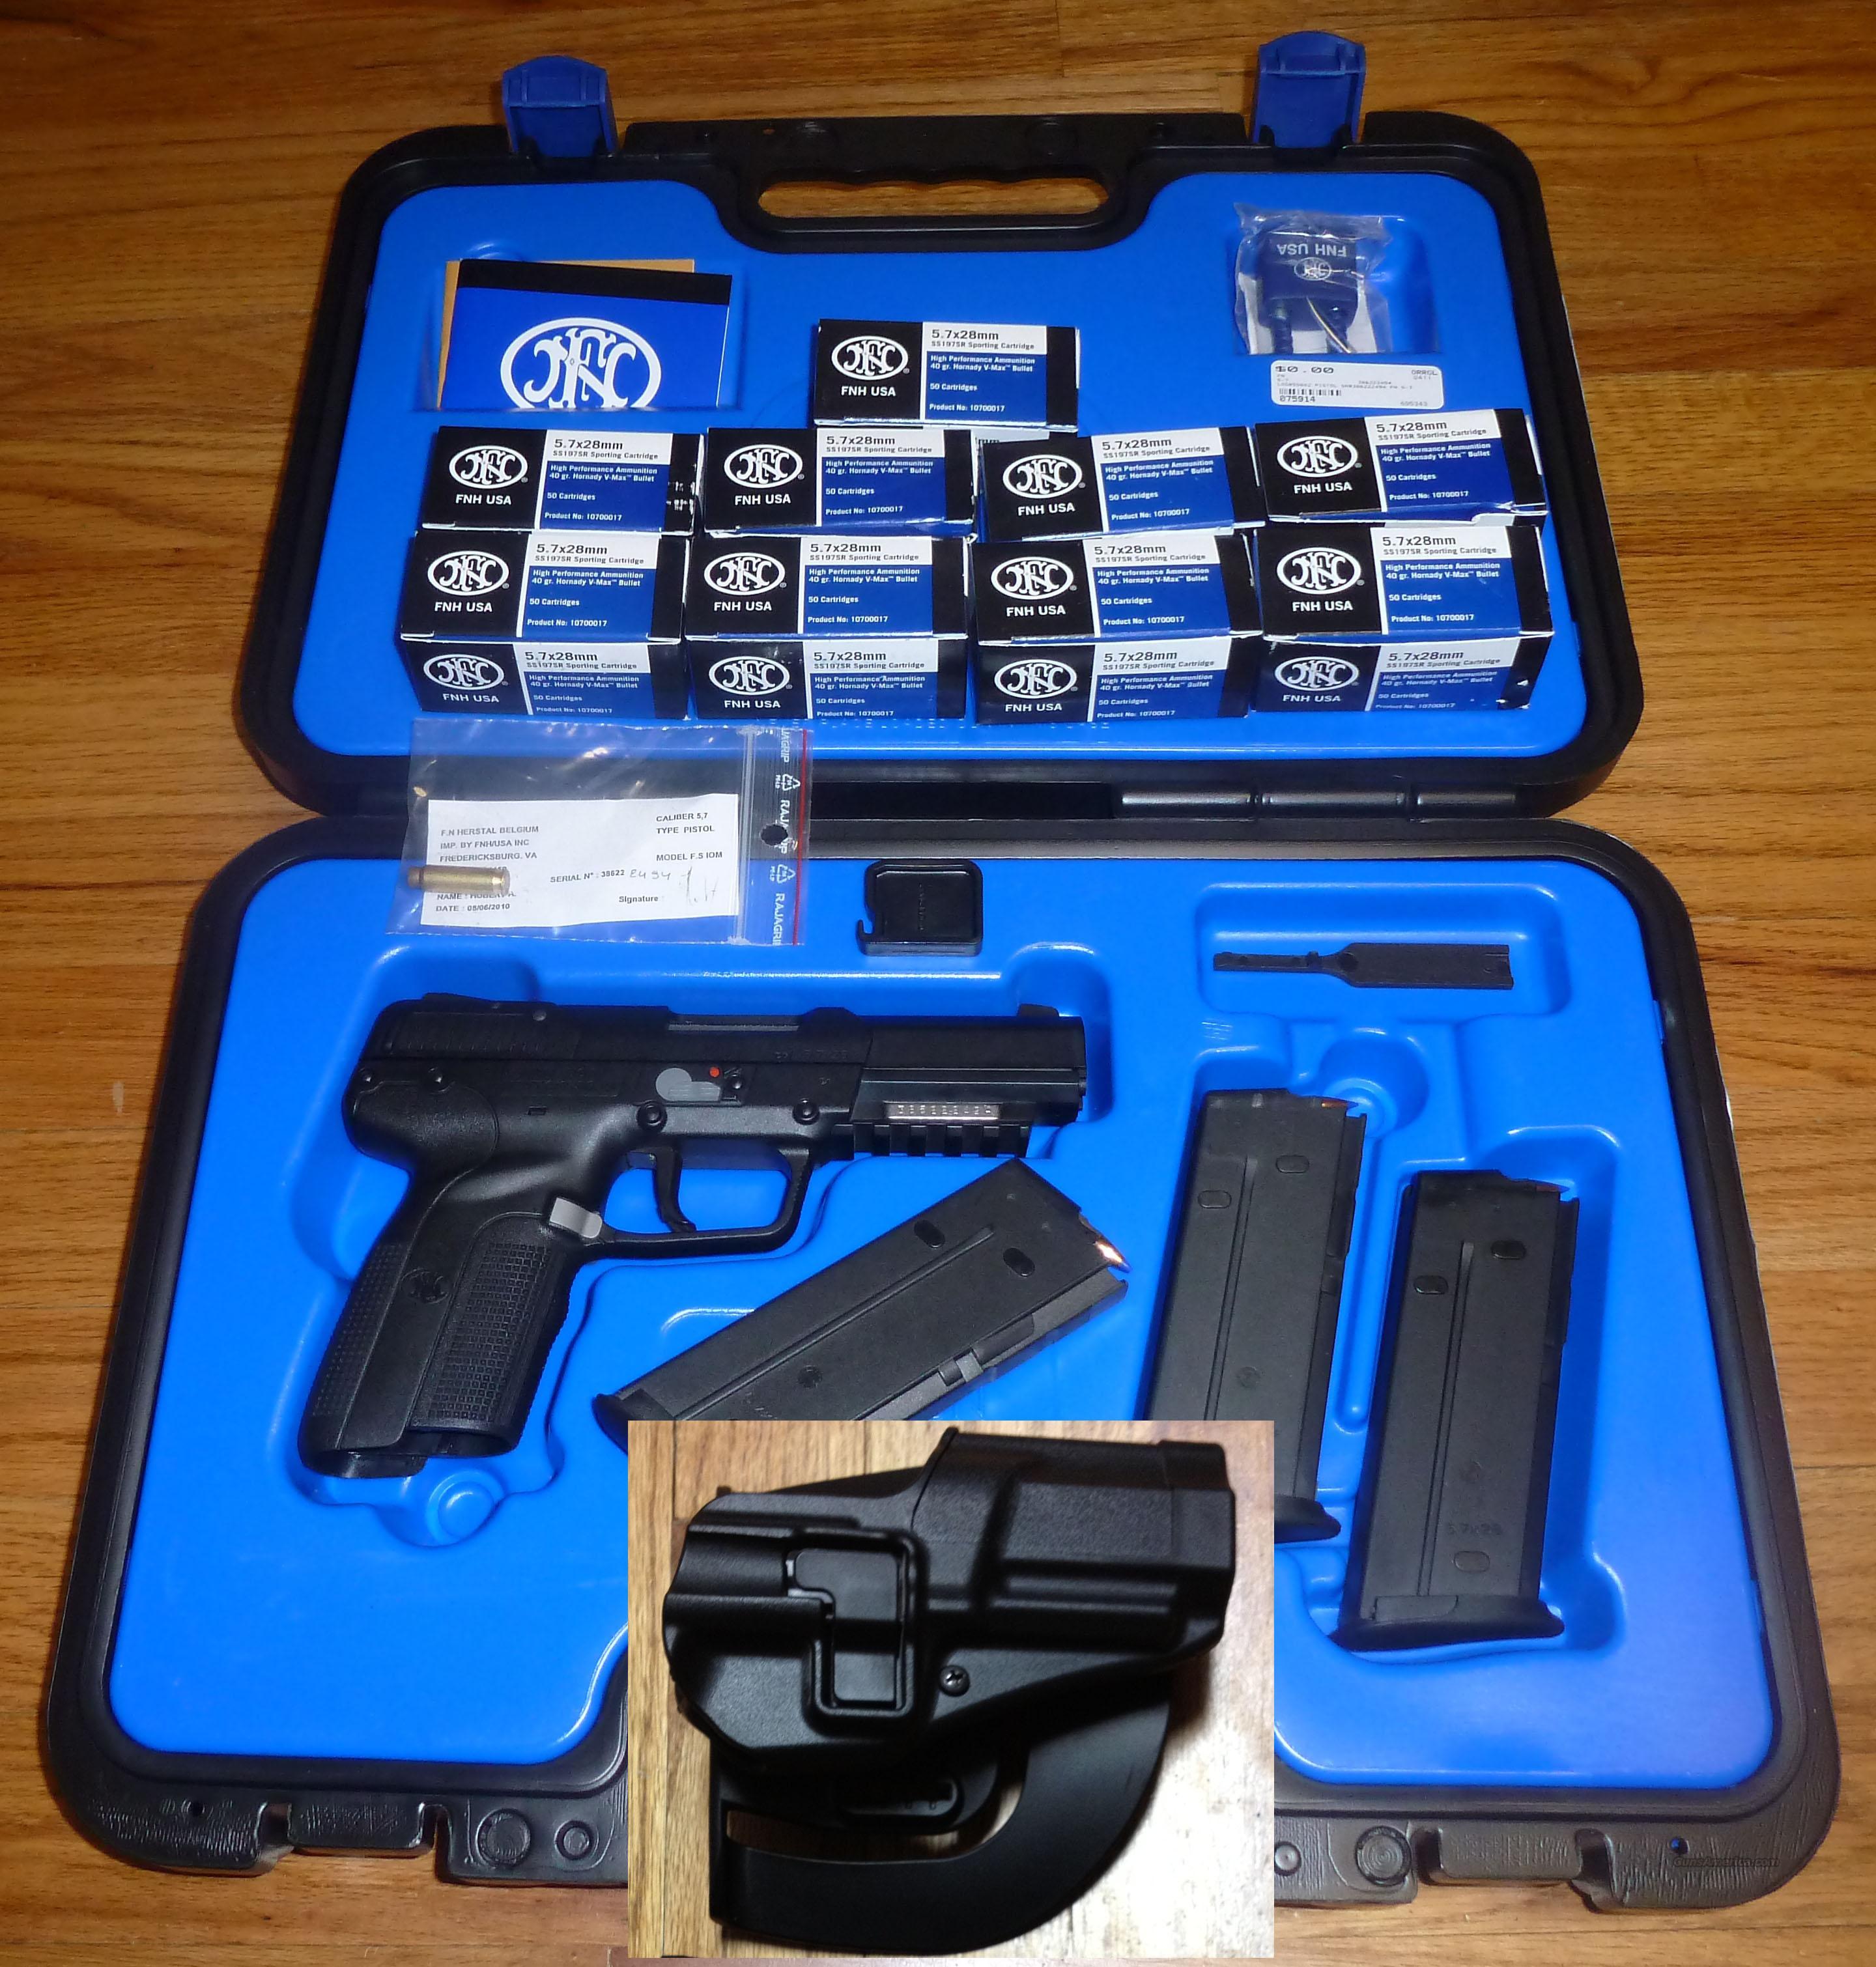 fn 5 7 pistol 5 7 x 28mm with black hawk holste for sale. Black Bedroom Furniture Sets. Home Design Ideas